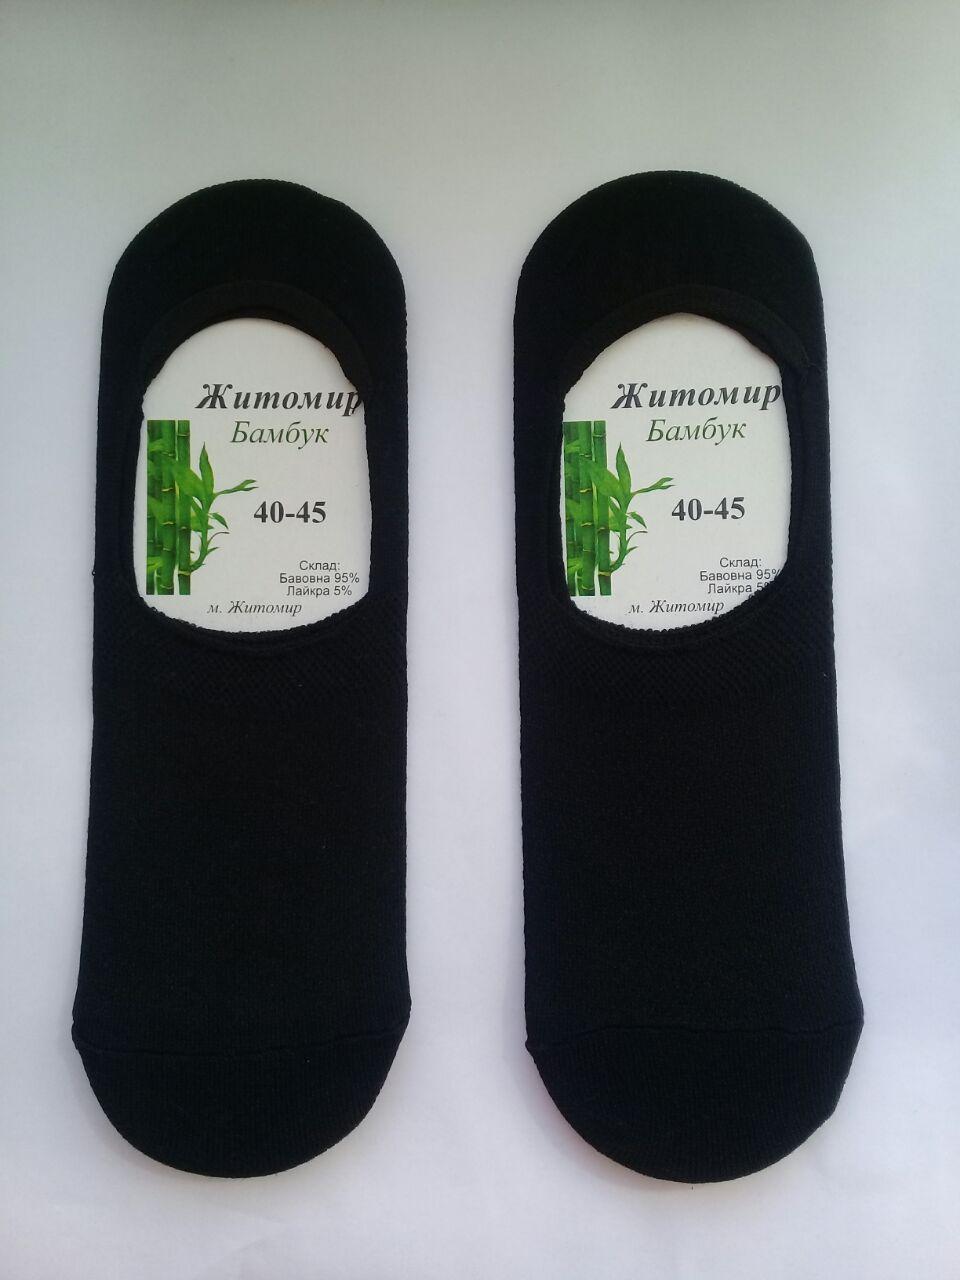 Носки следы мужские Житомир размер 40-45 черные